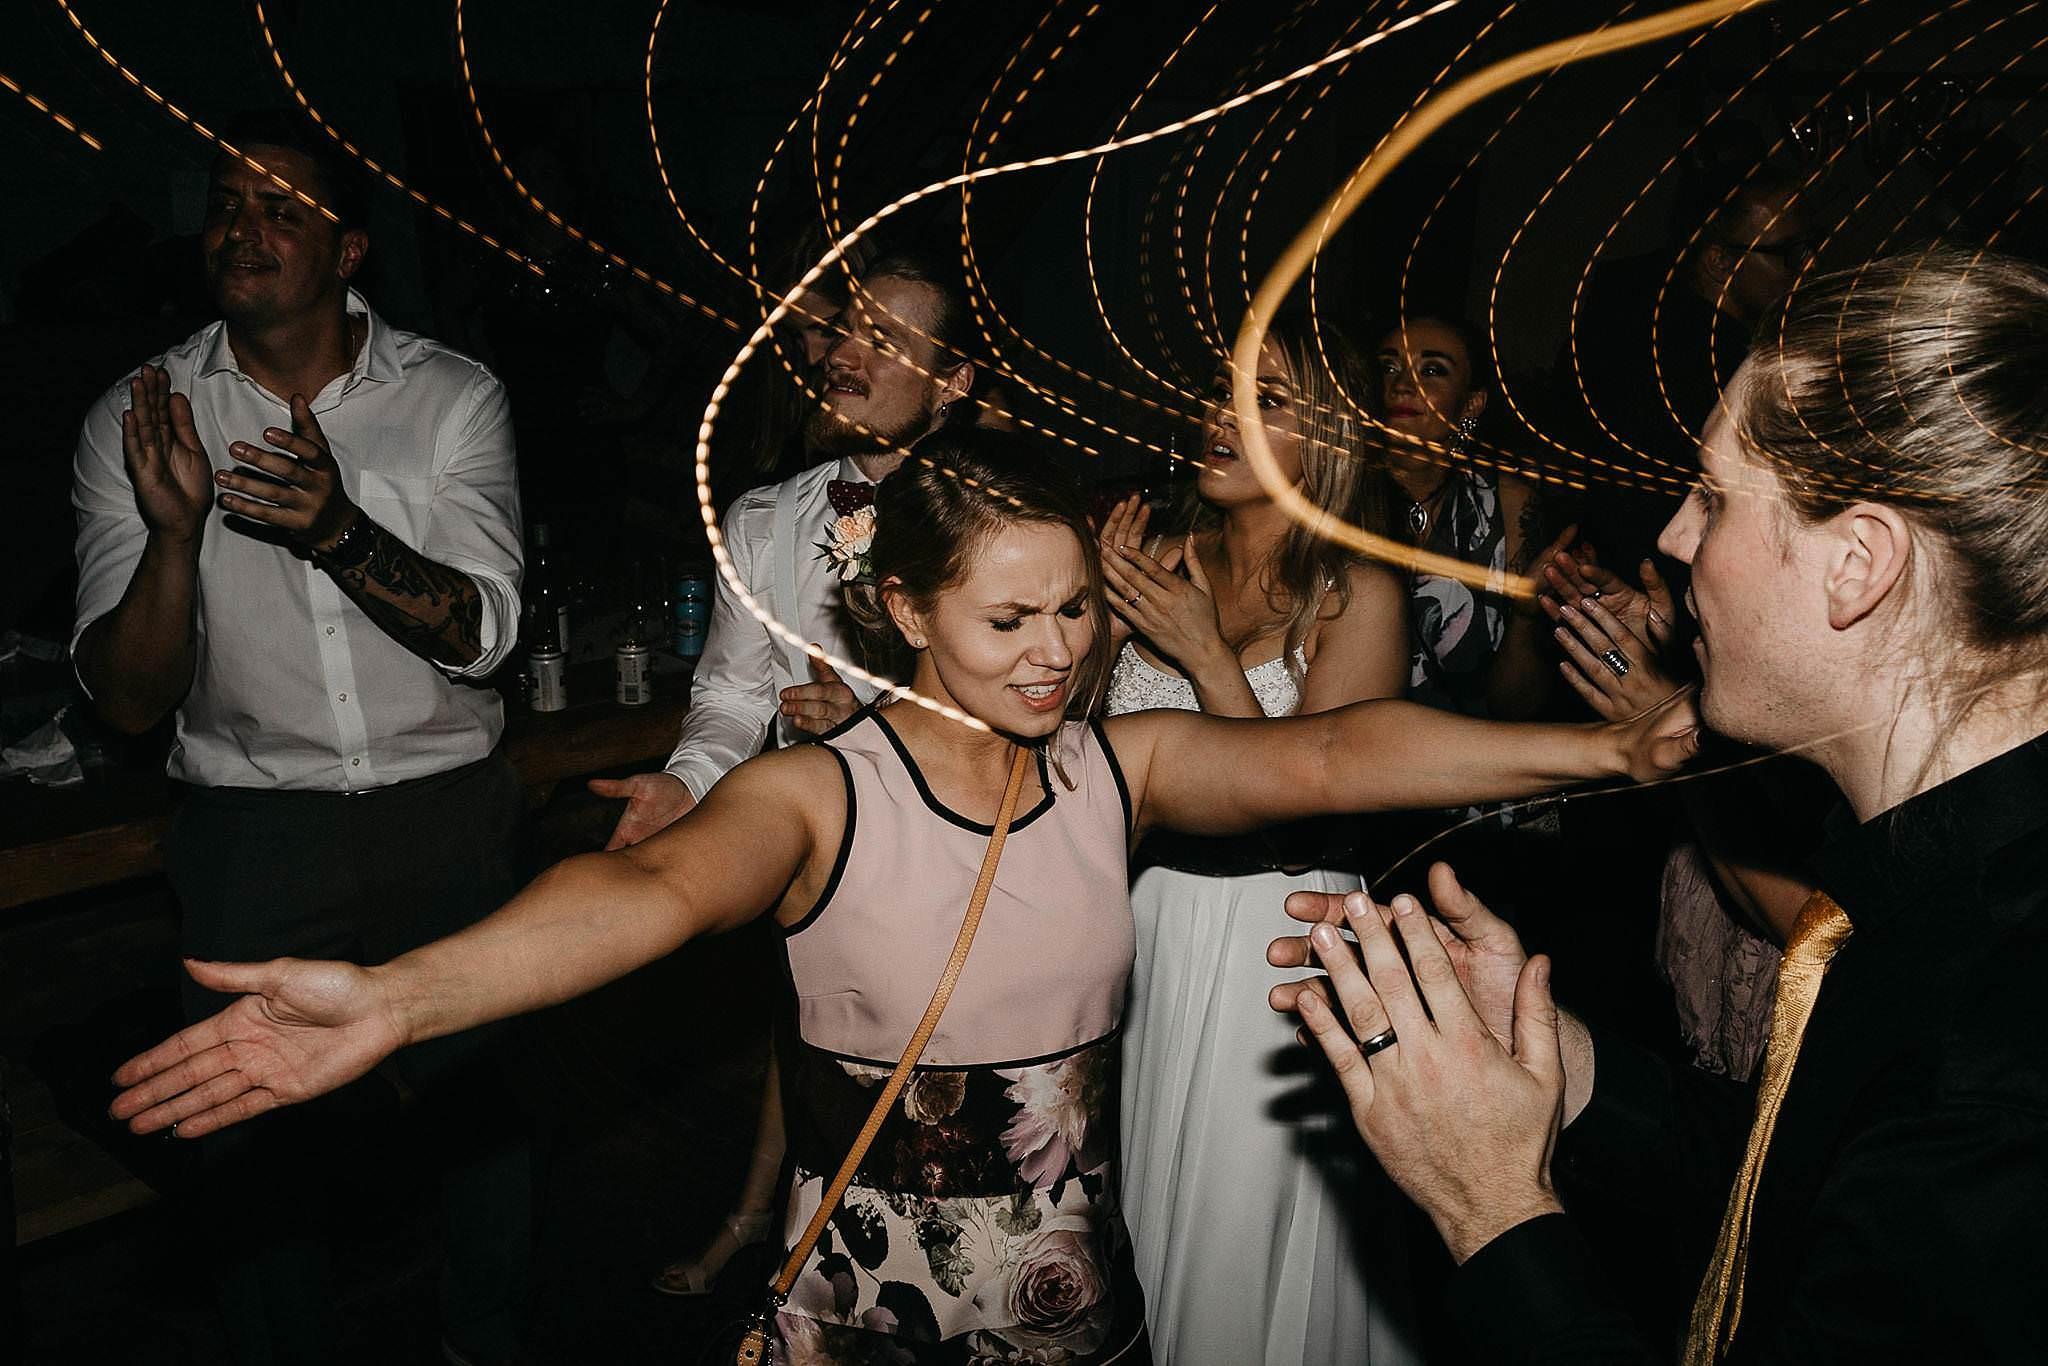 Haakuvaus_wedding_jyvaskyla_muurame_tuomiston_tila_0196.jpg